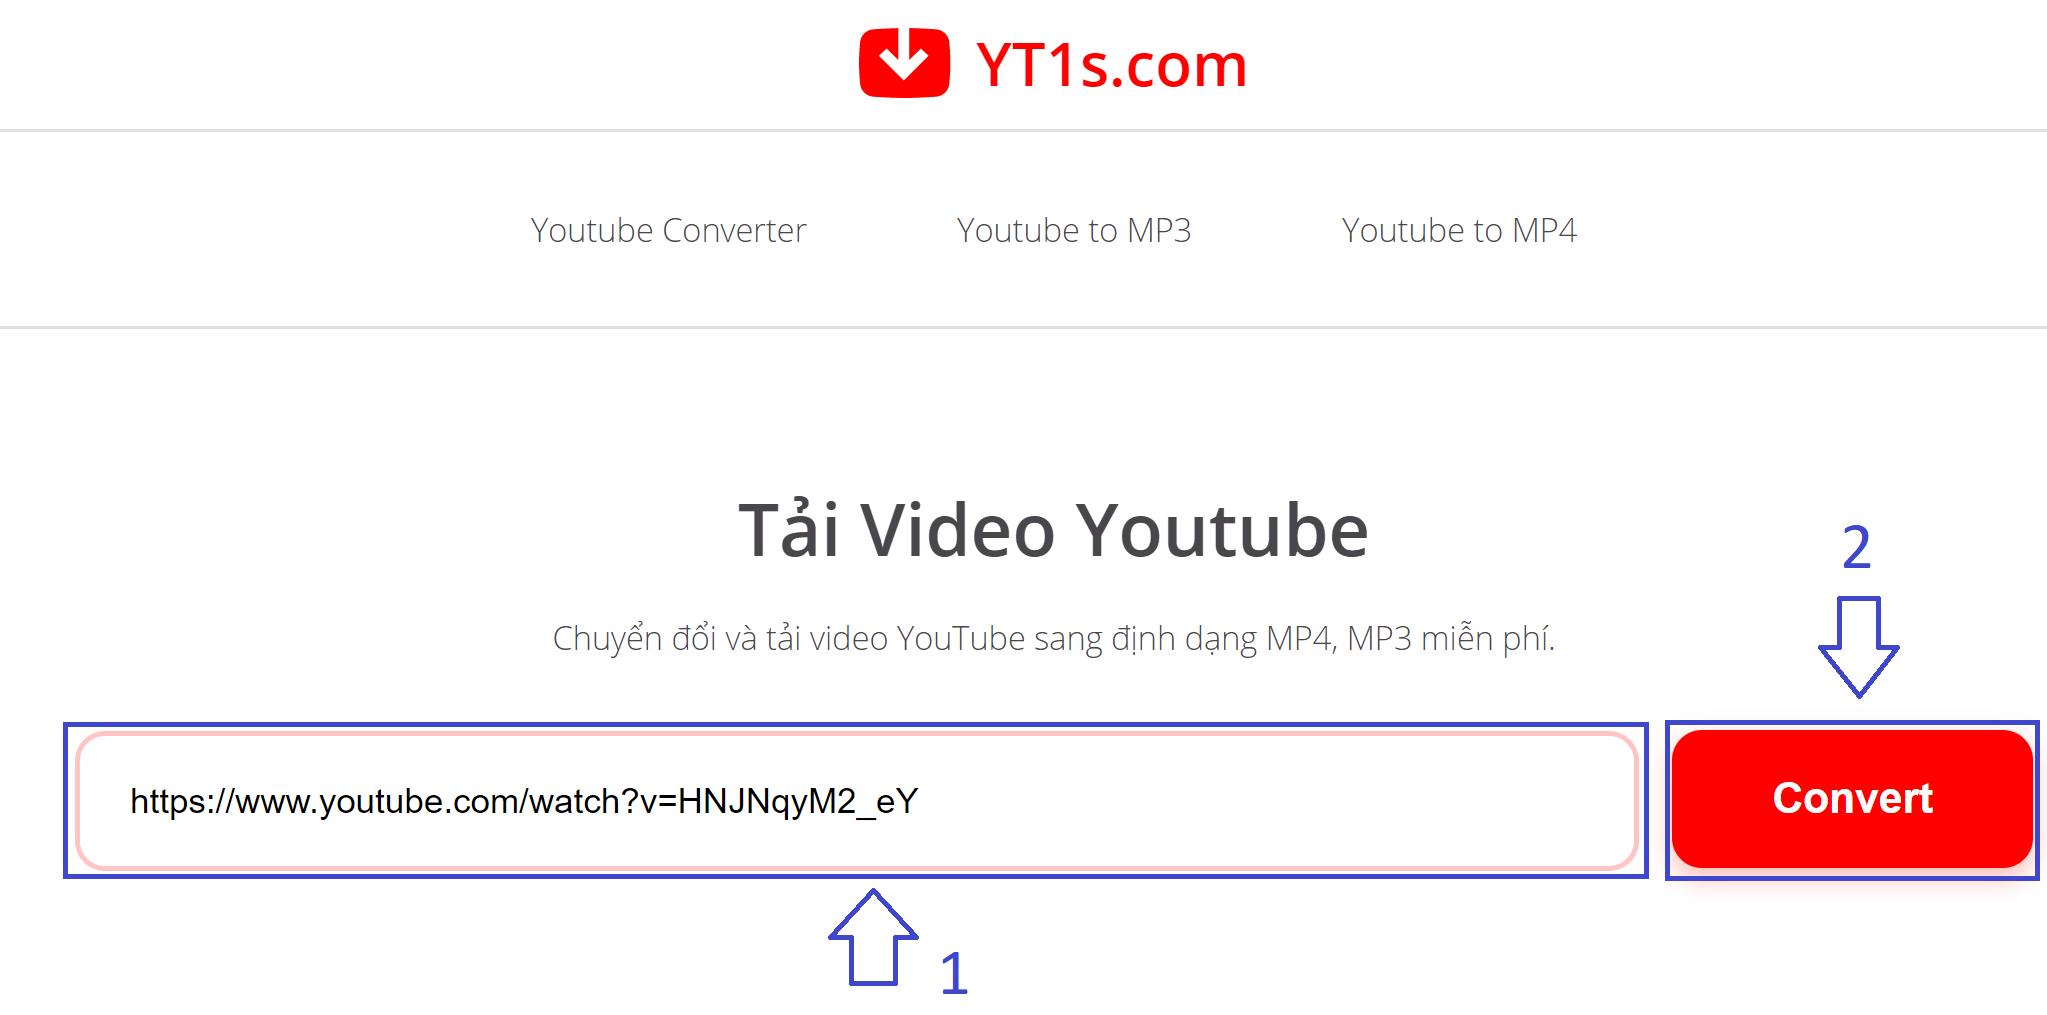 Hướng dẫn tải video YouTube qua wed không cần sử dụng phần mềm